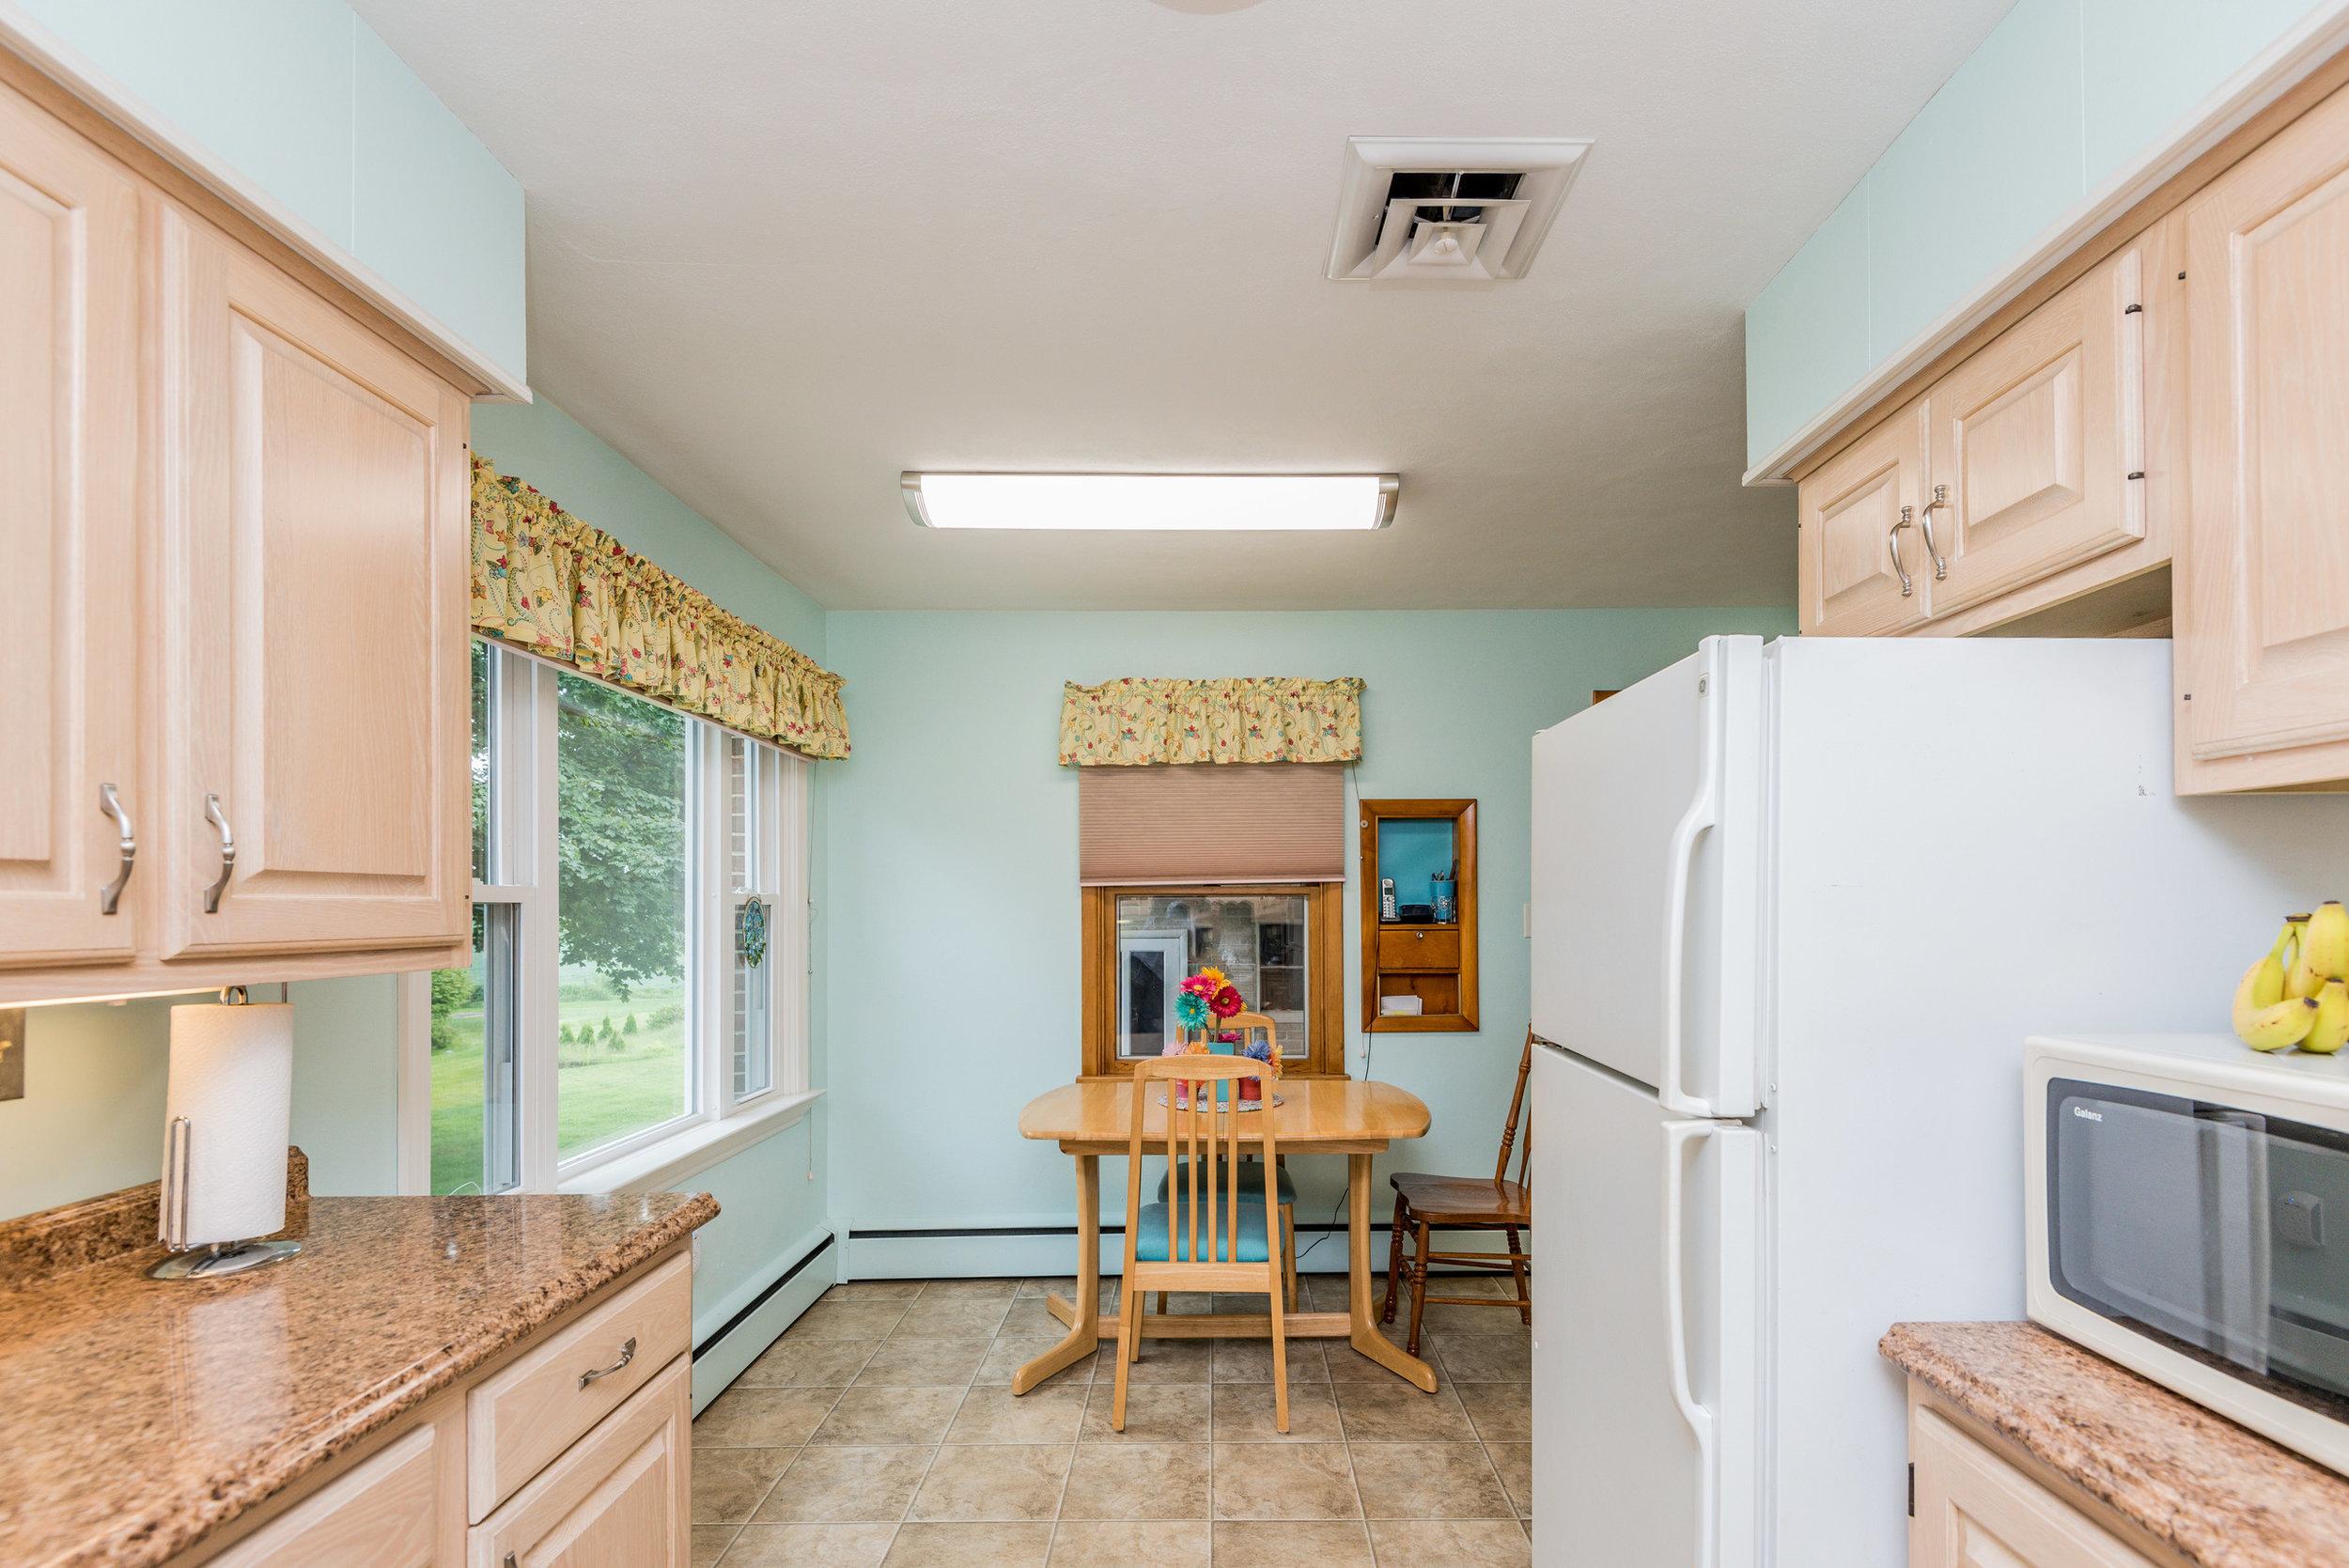 kitchen_1_of_1_-2.jpg